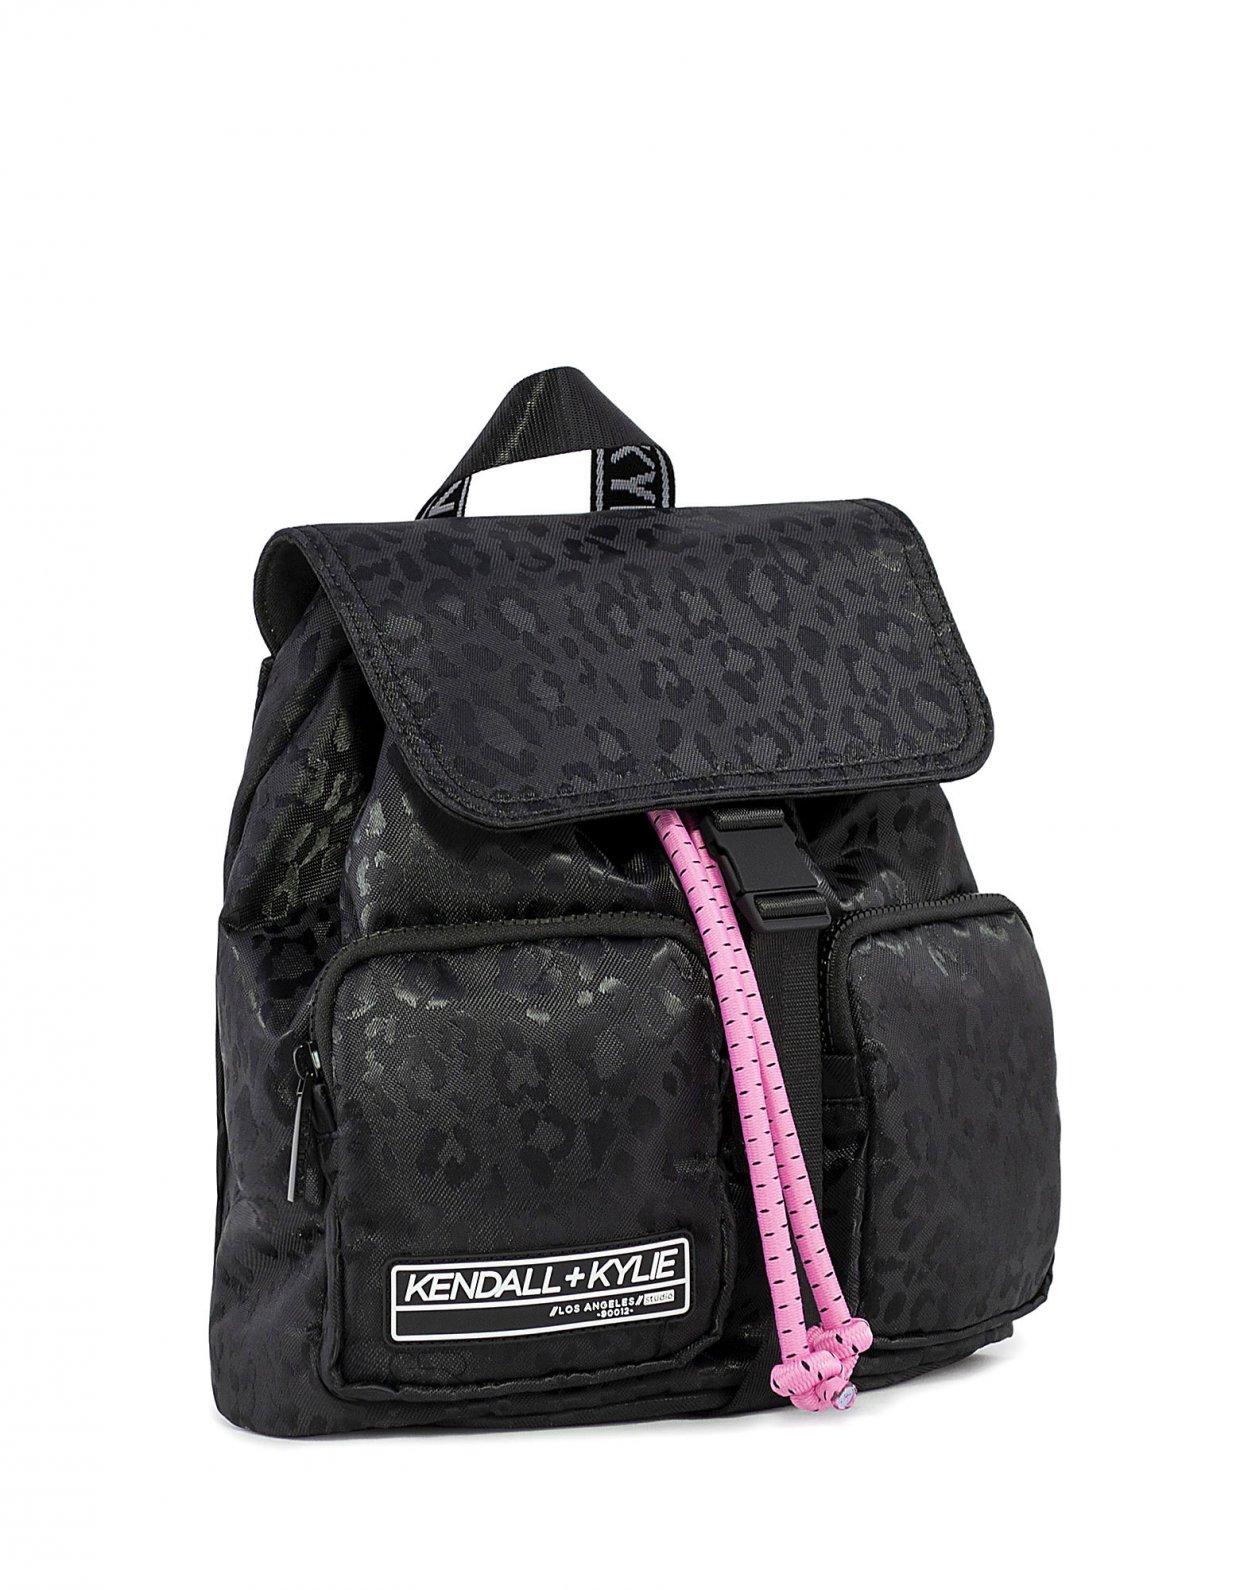 Kendall + Kylie Jesse medium backpack black cheetah